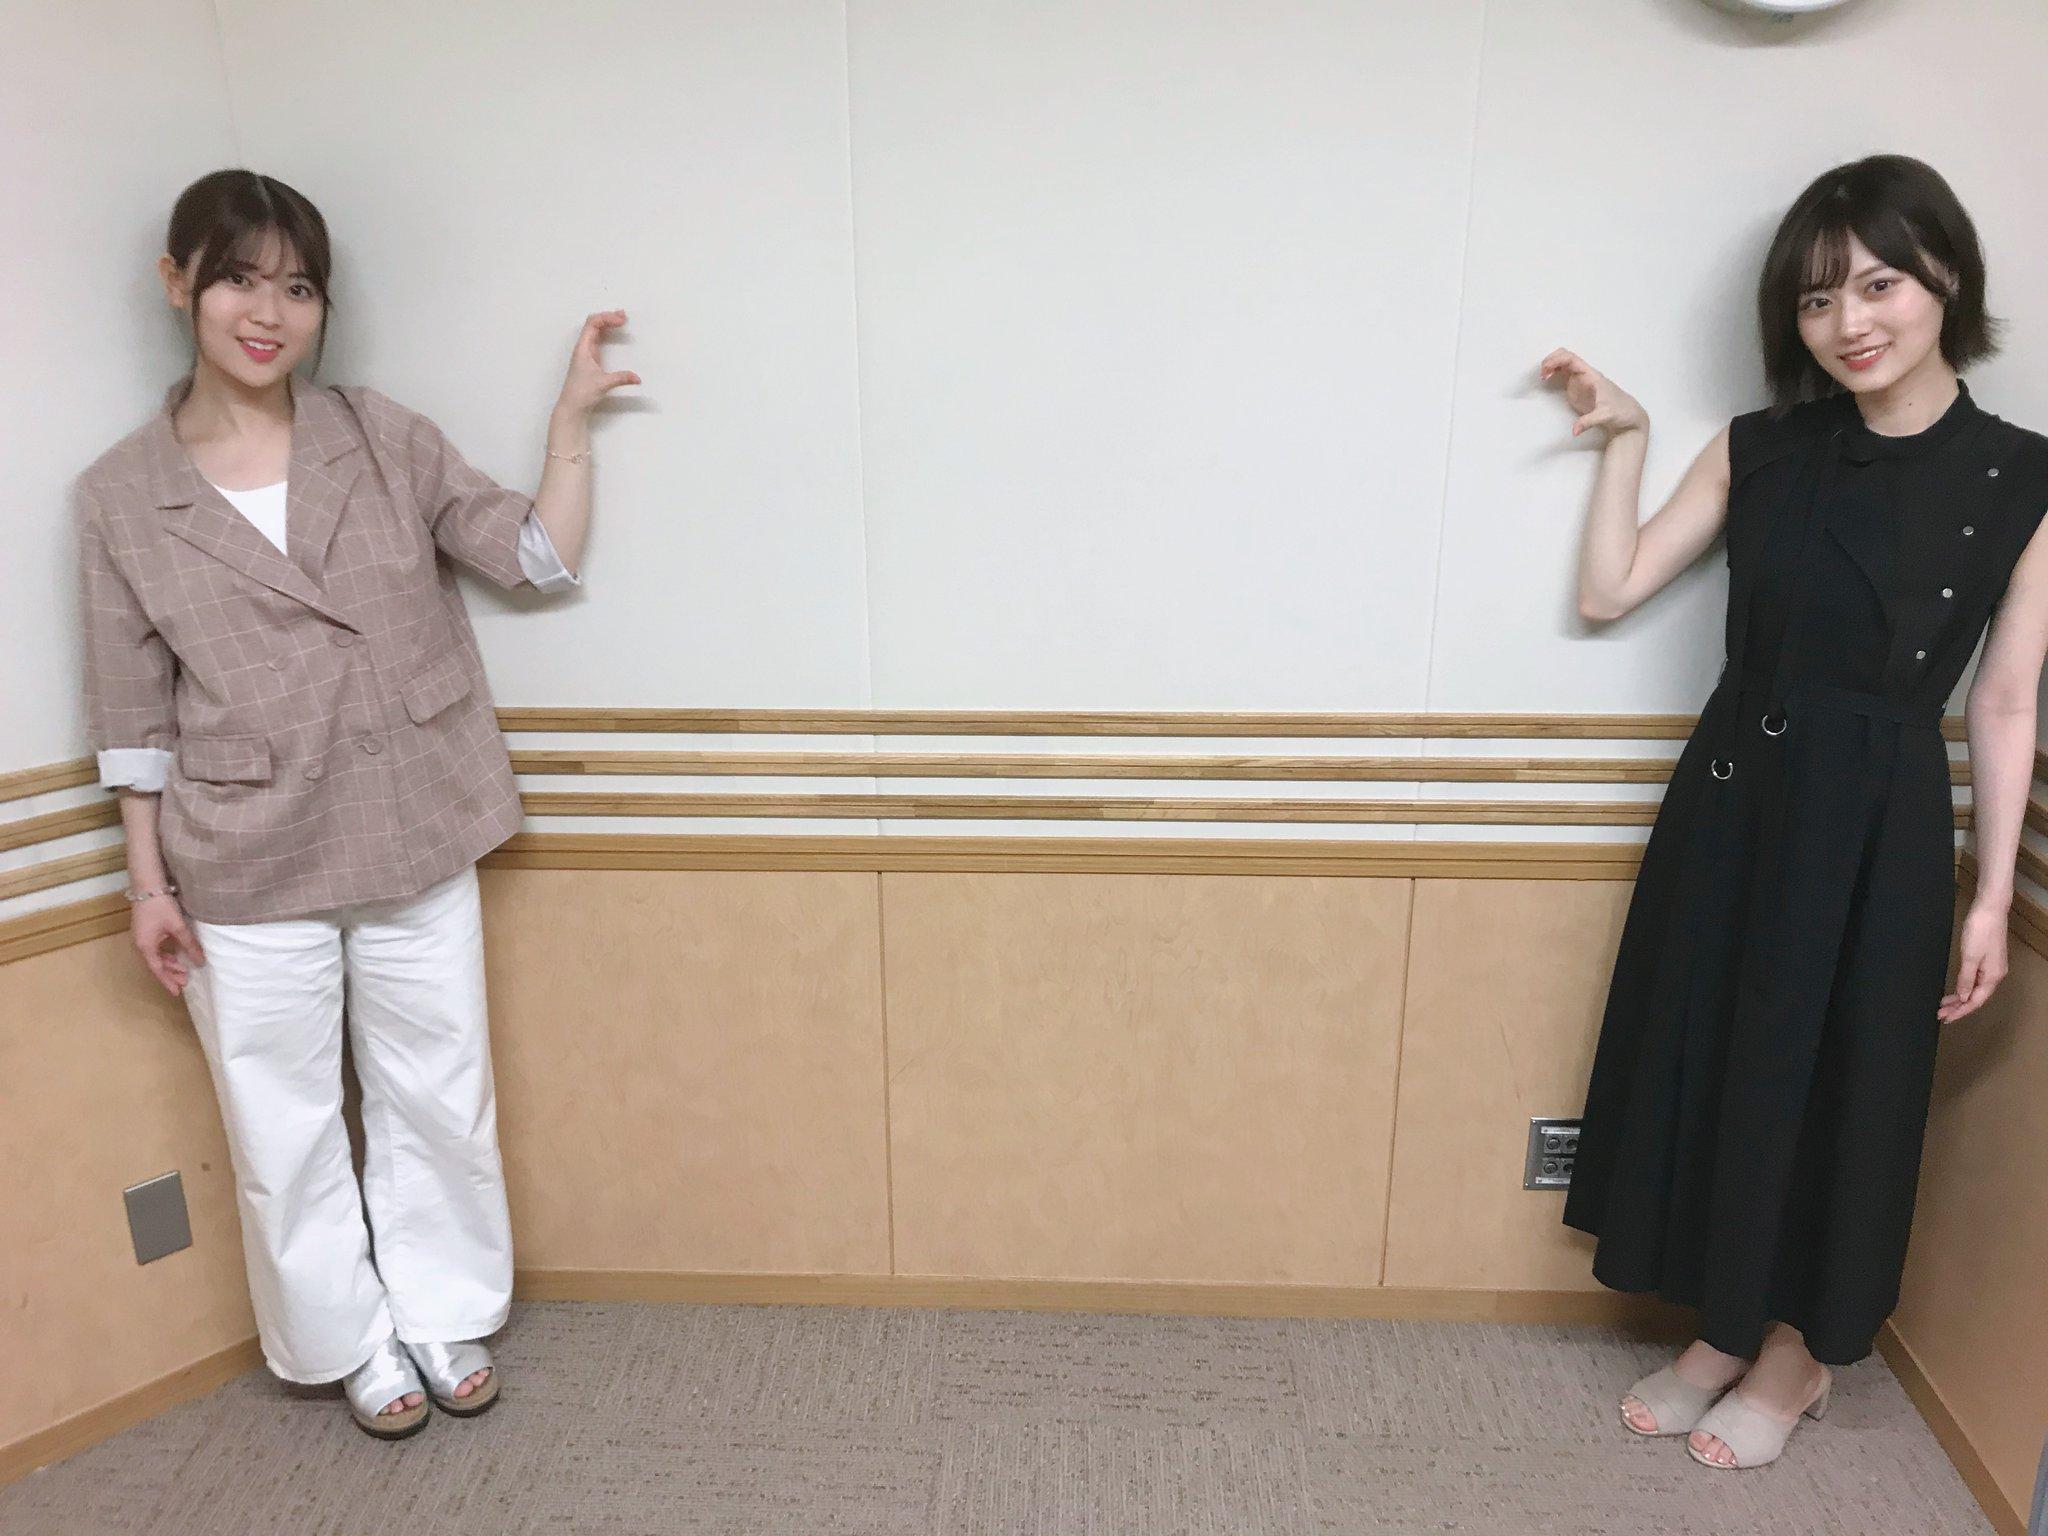 乃木坂46の「の」 山下美月 岩本蓮加